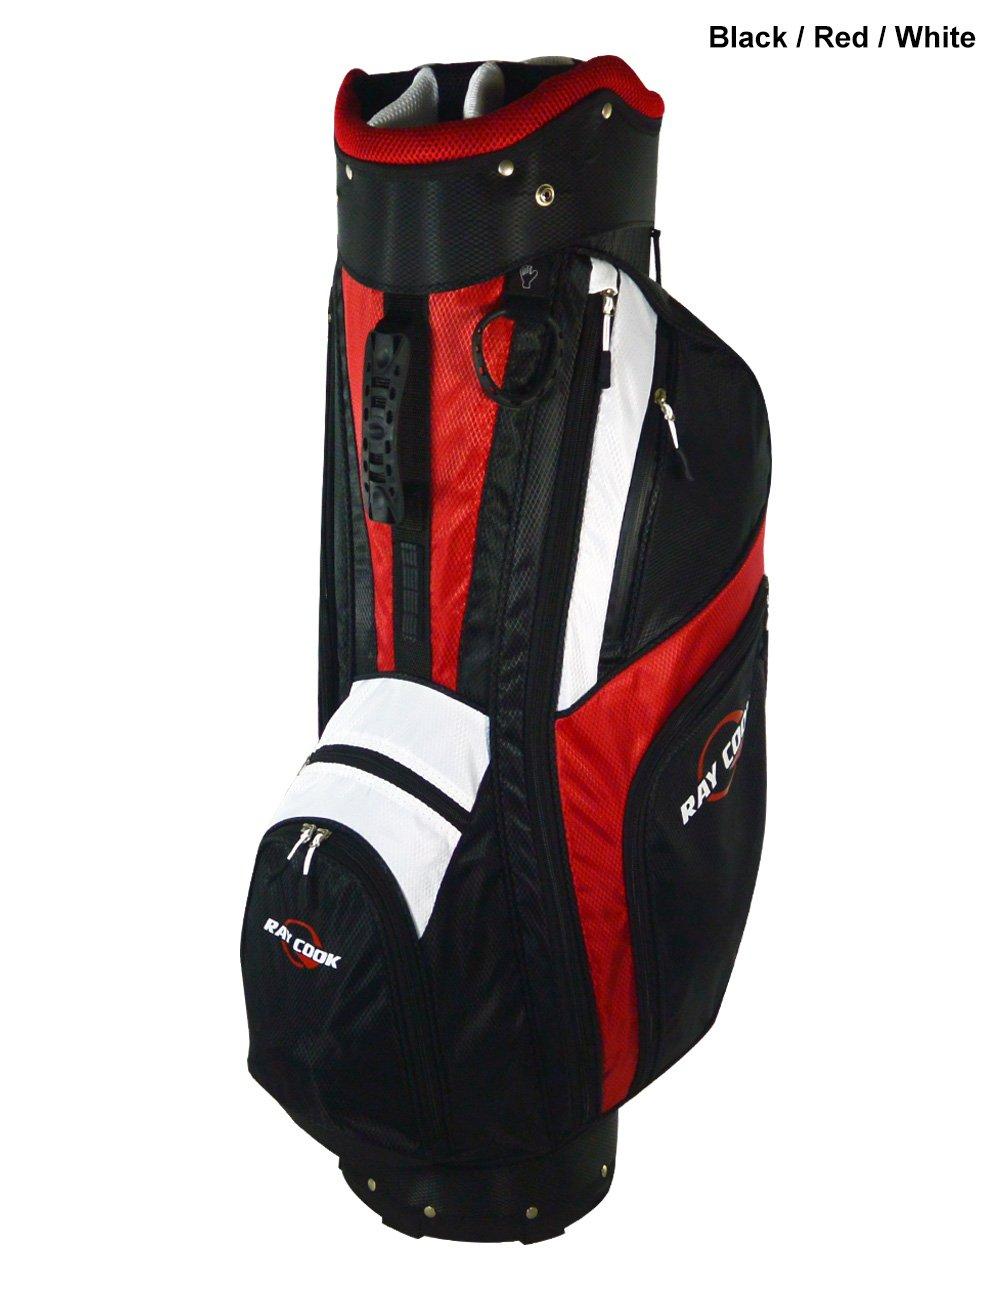 Ray Cook golf-ポラリスカートバッグ B00PG5OWKI  ブラック/レッド/ホワイト